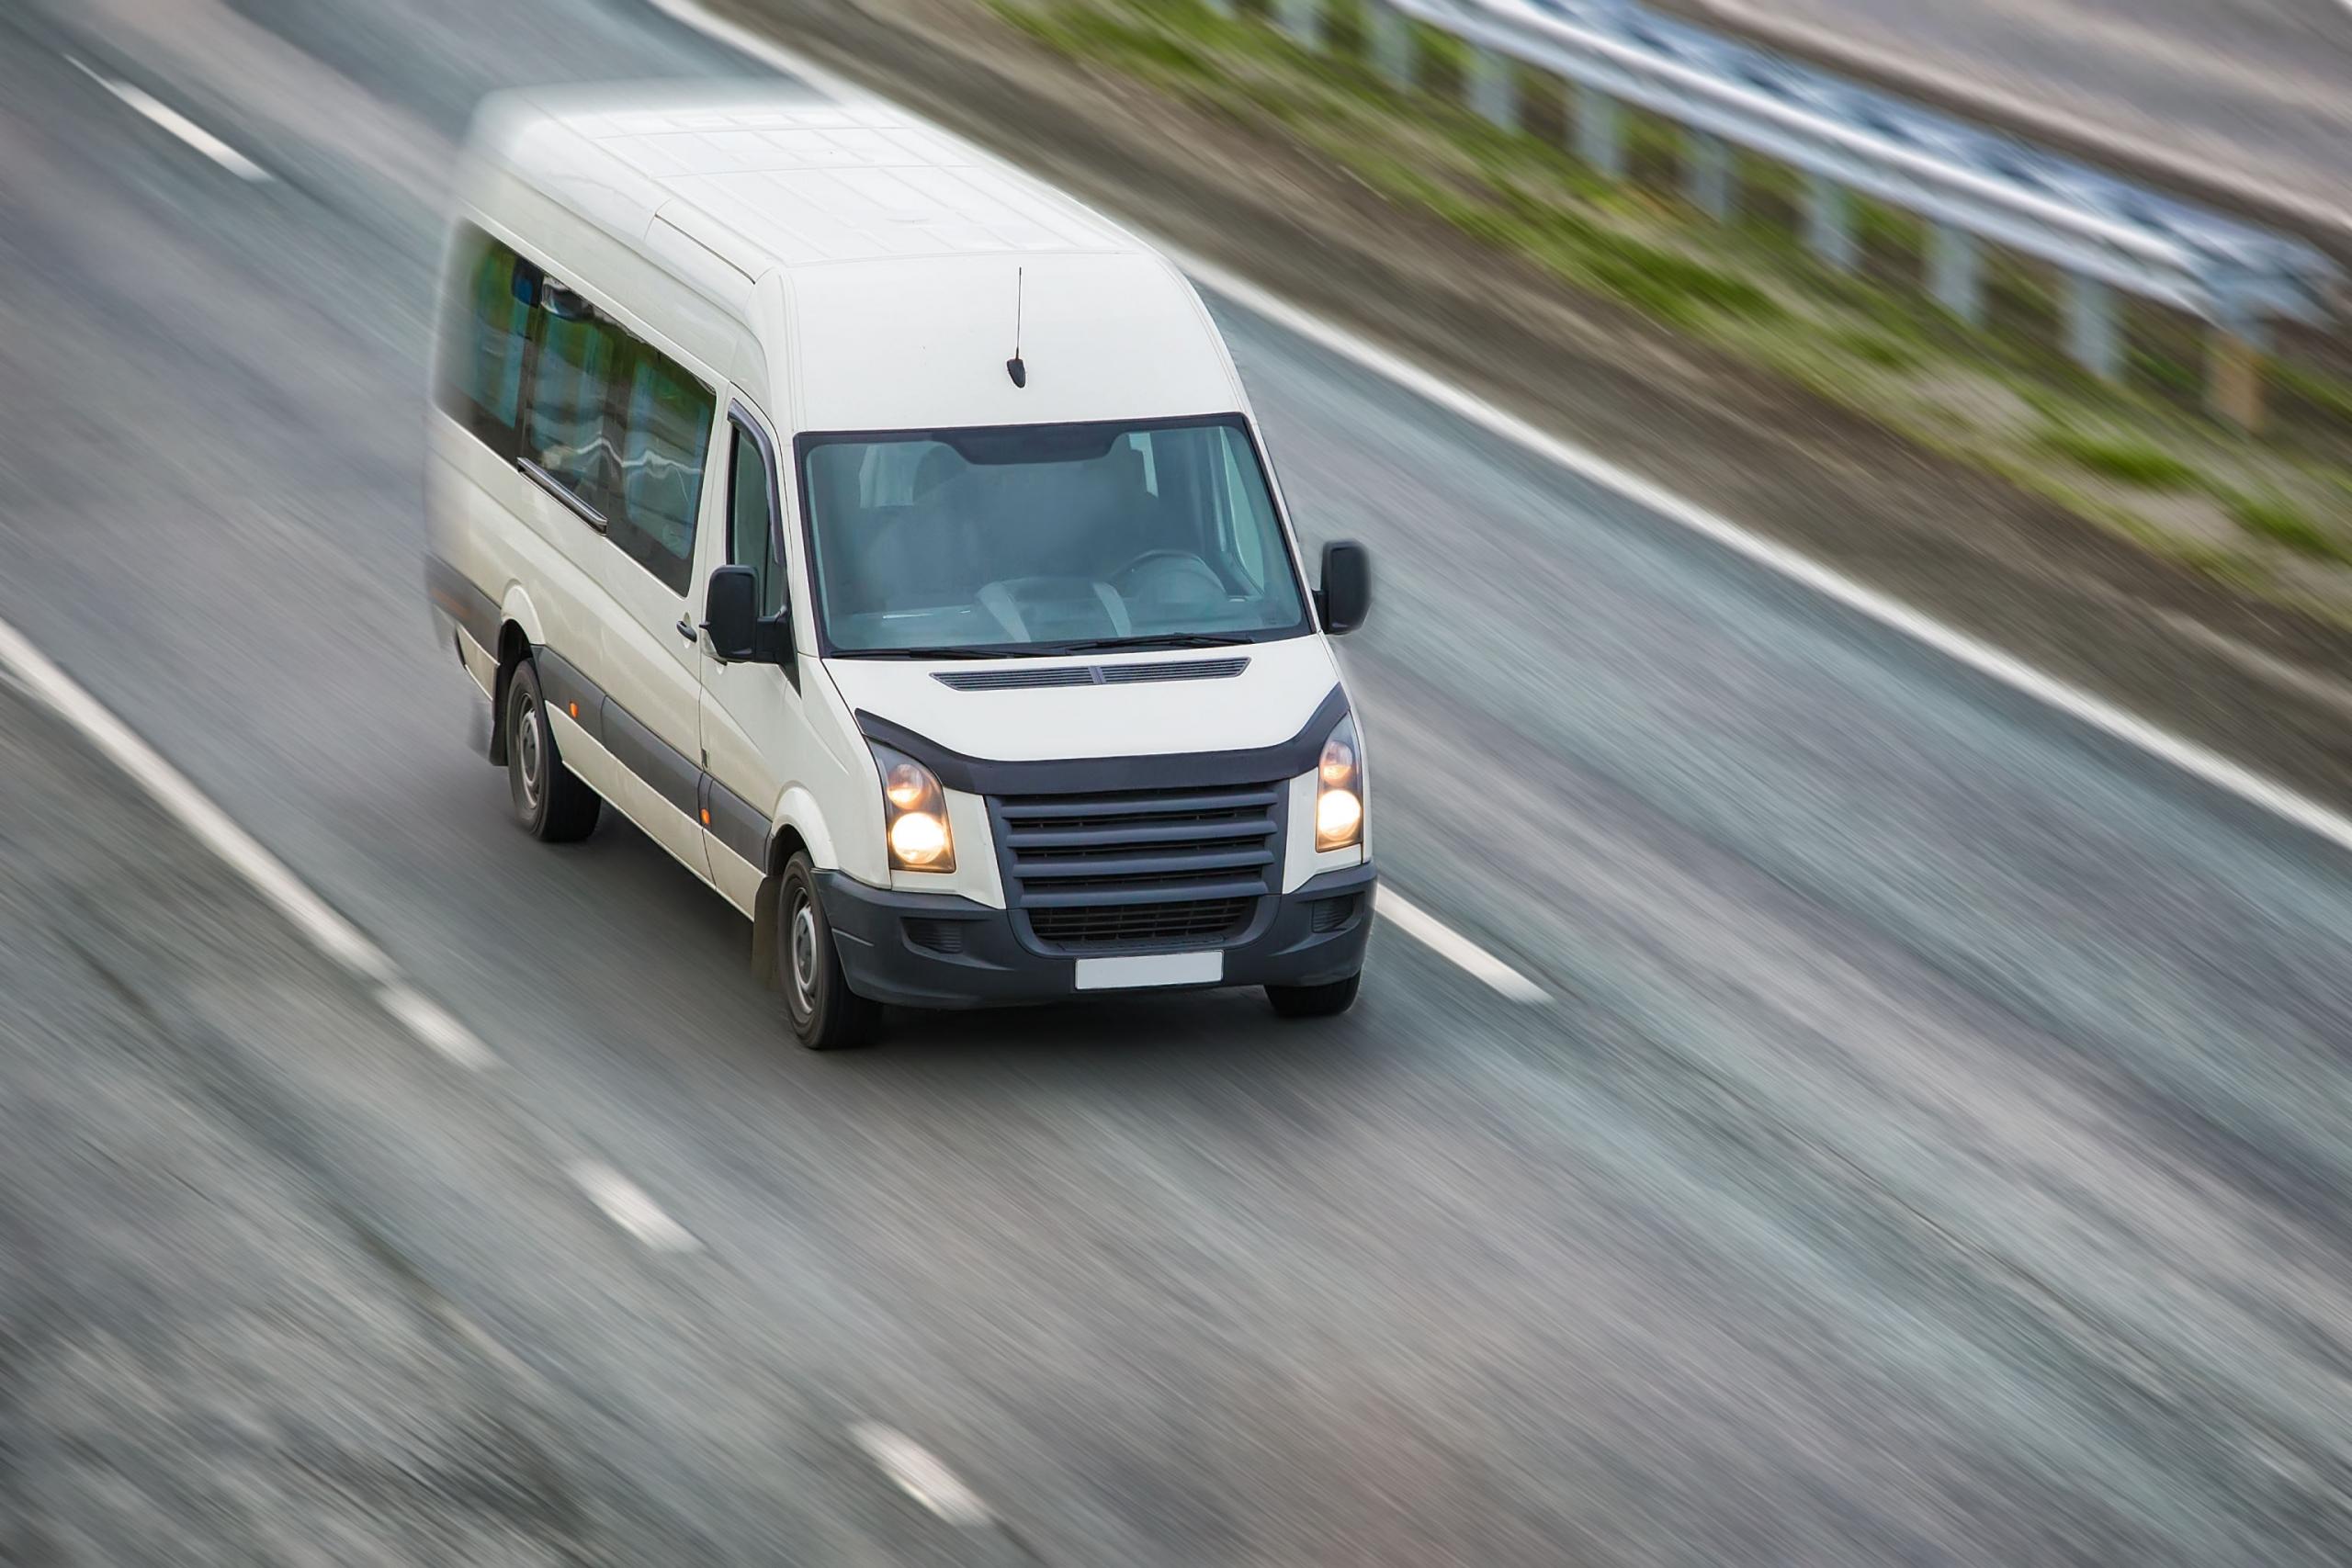 passenger van on highway